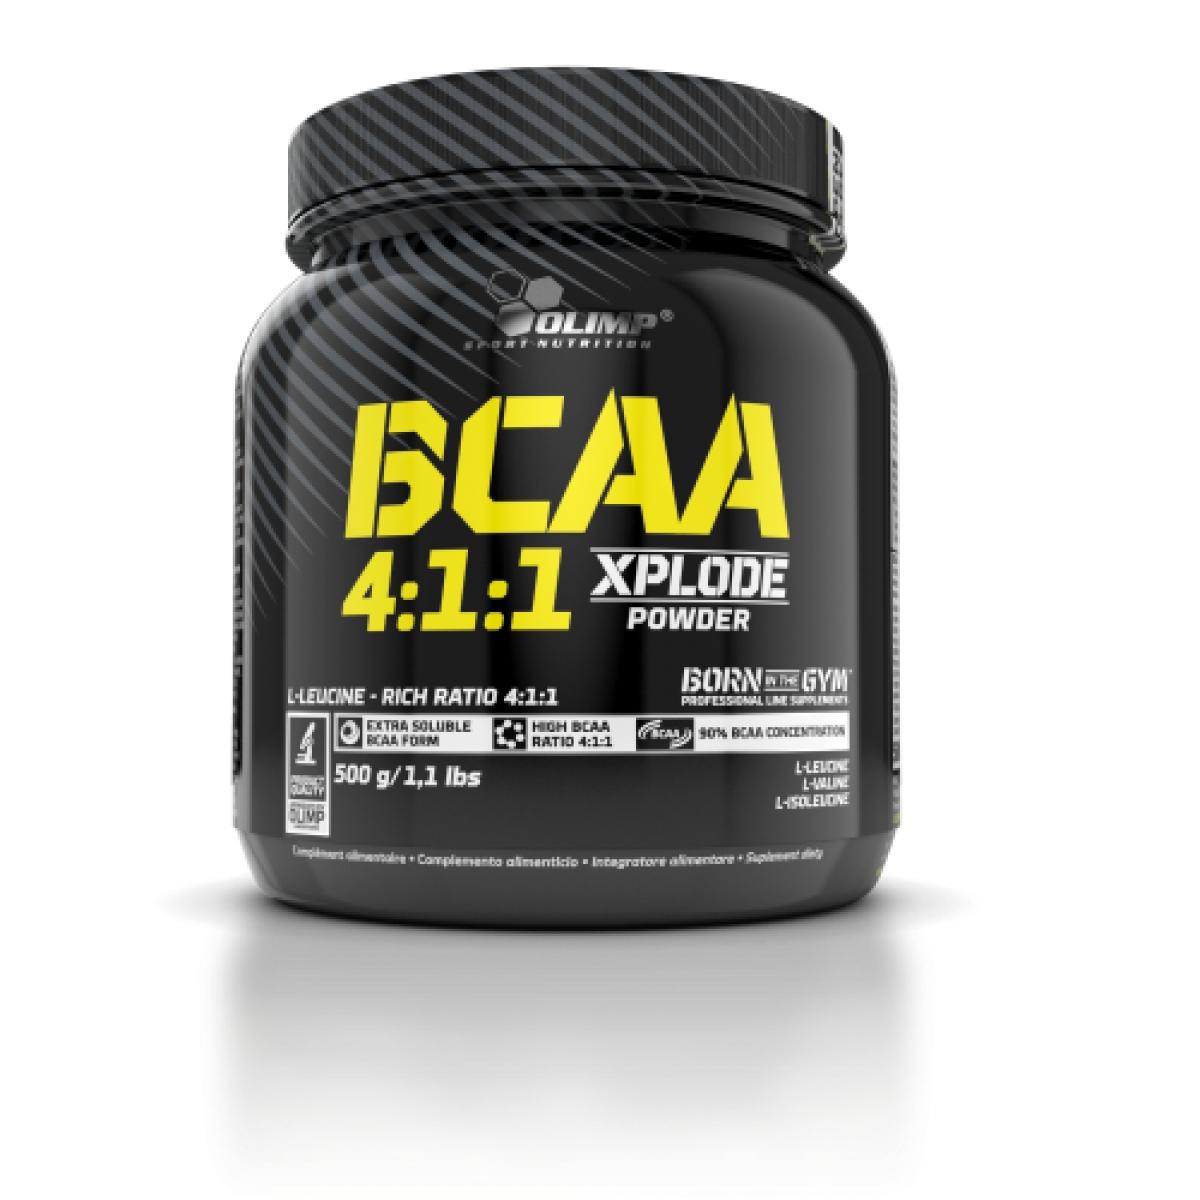 BCAA 4:1:1, 500 QR